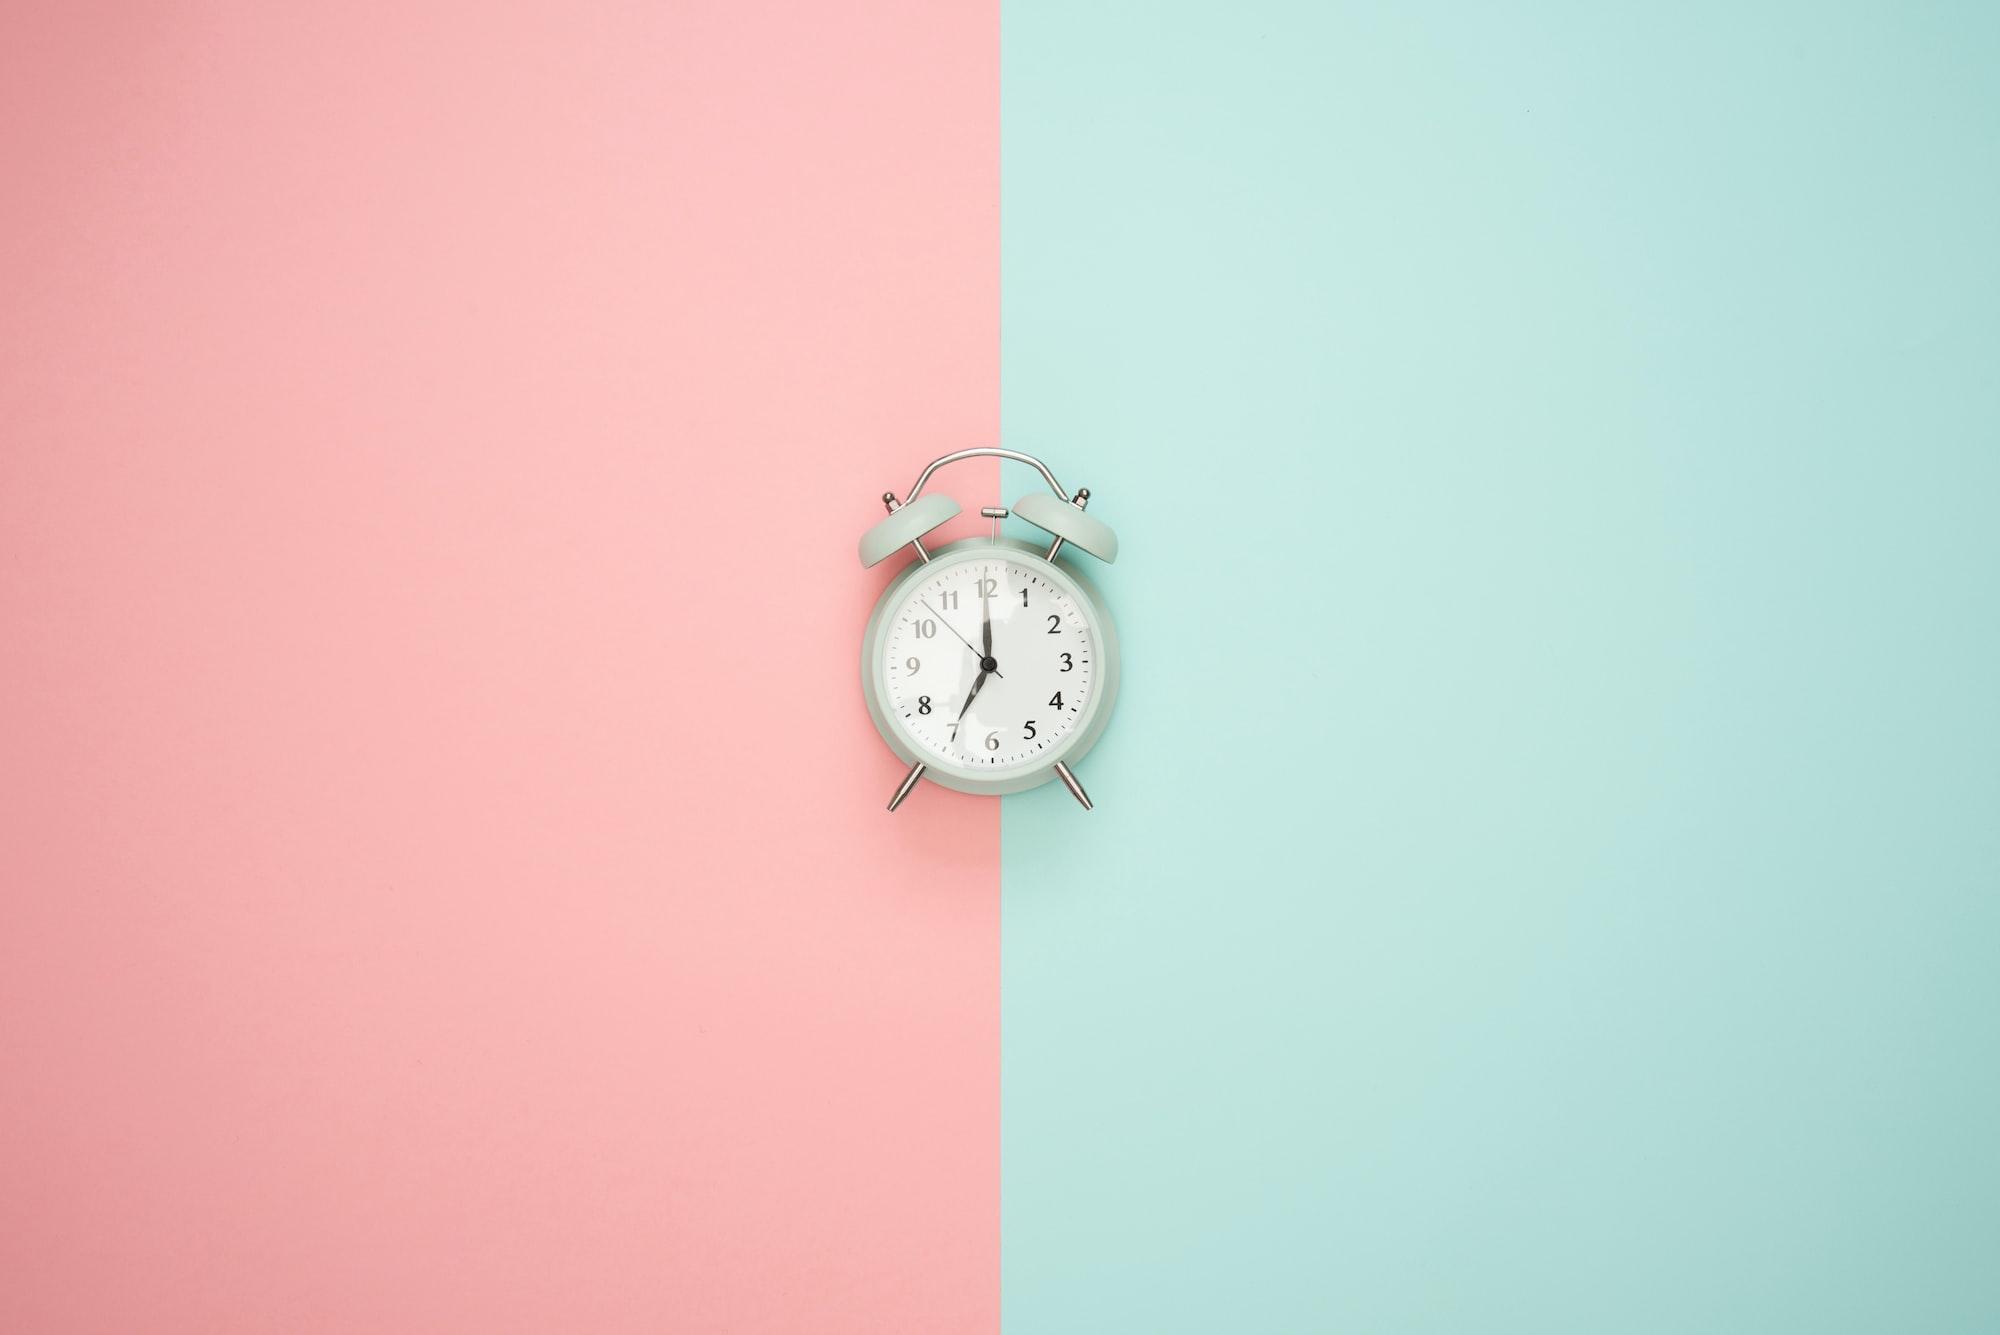 Timp pentru tine - Rutina de autoîngrijire